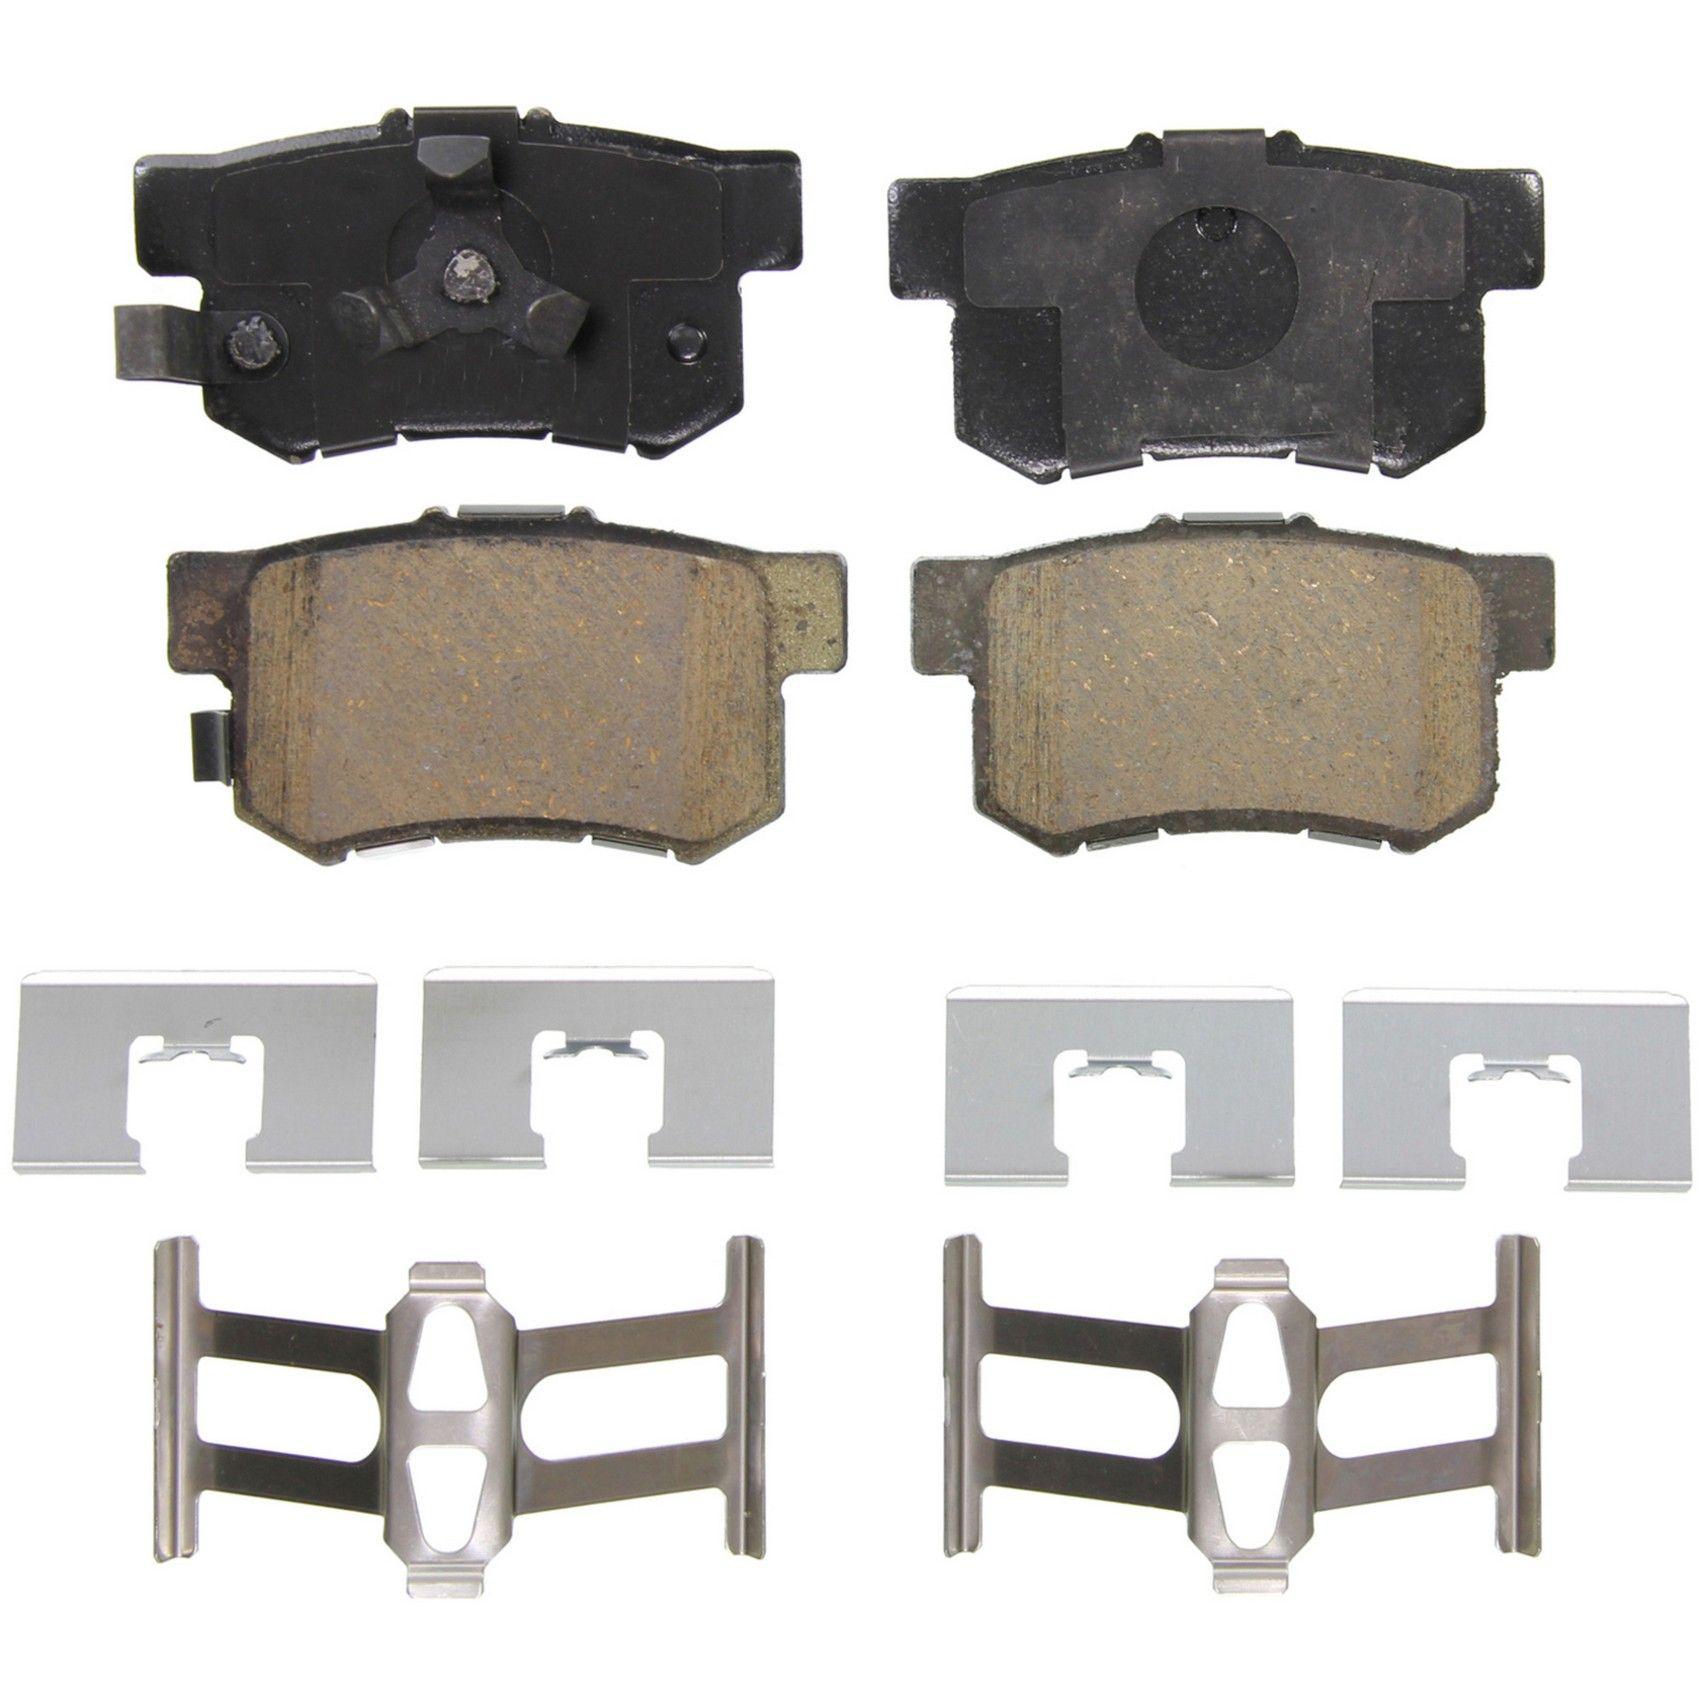 2005 Honda CR V Disc Brake Pad   Rear (Wagner Brakes ZD1086) OE Ceramic  Includes Installation Hardware Kit .